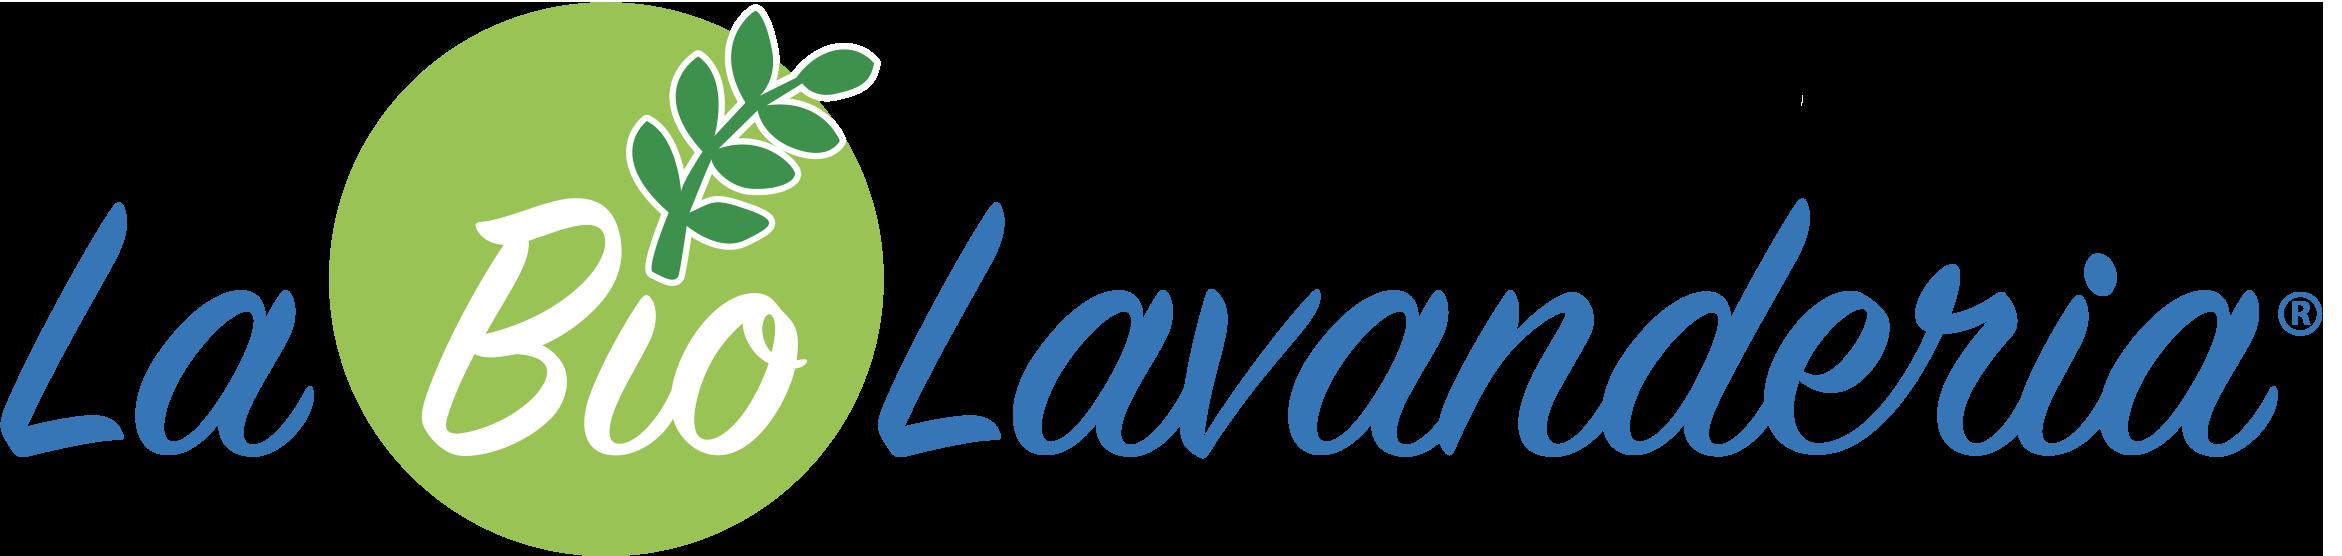 La BioLavanderia